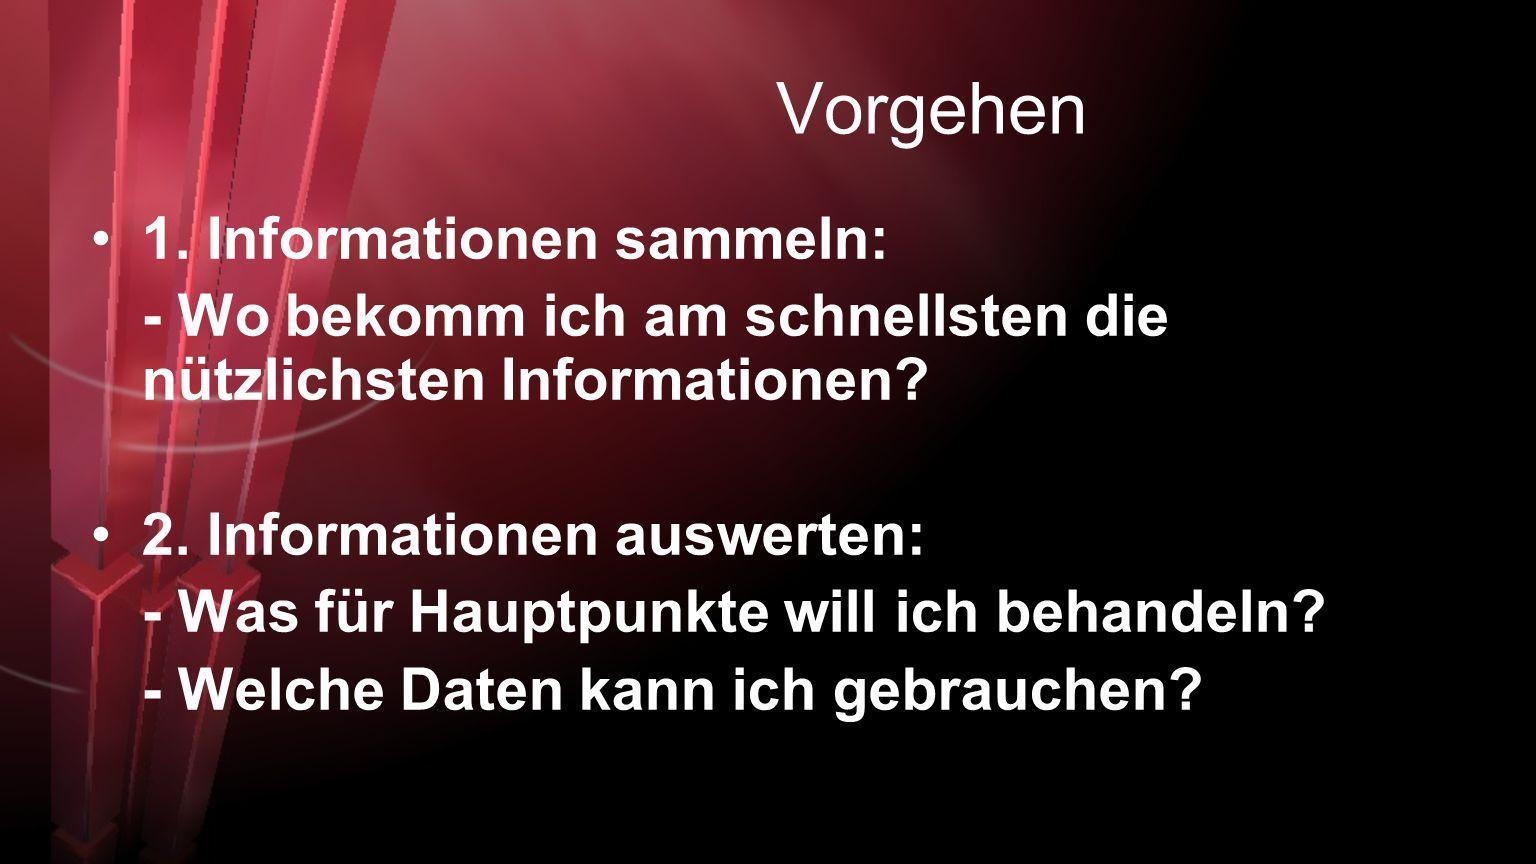 Vorgehen 1. Informationen sammeln: - Wo bekomm ich am schnellsten die nützlichsten Informationen? 2. Informationen auswerten: - Was für Hauptpunkte wi